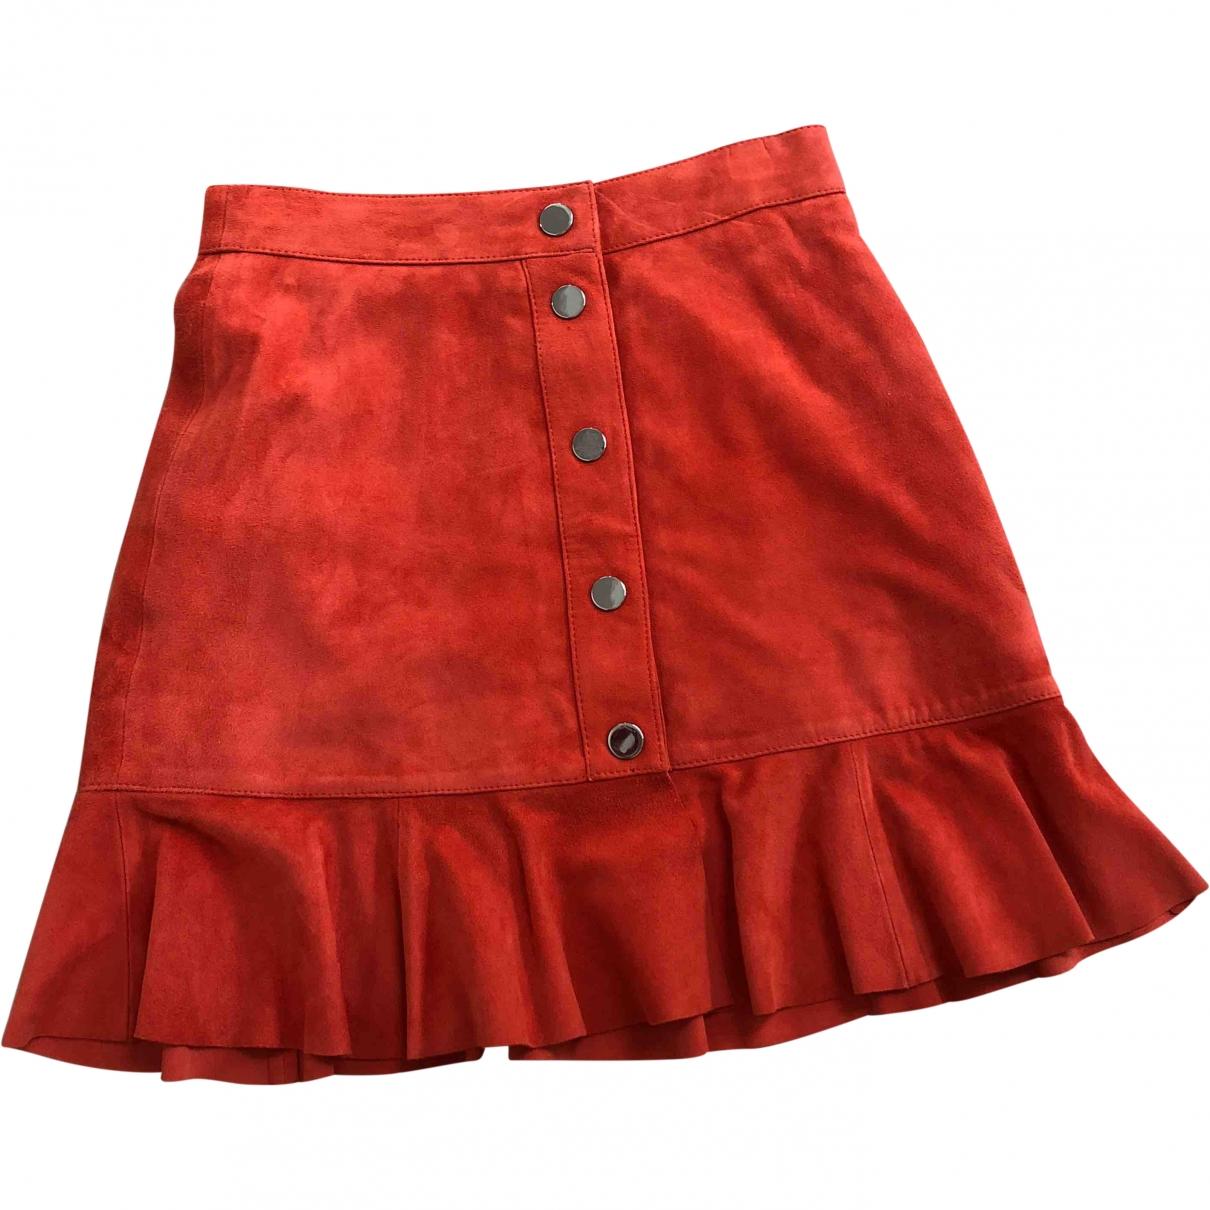 Ganni \N Orange Leather skirt for Women 34 FR